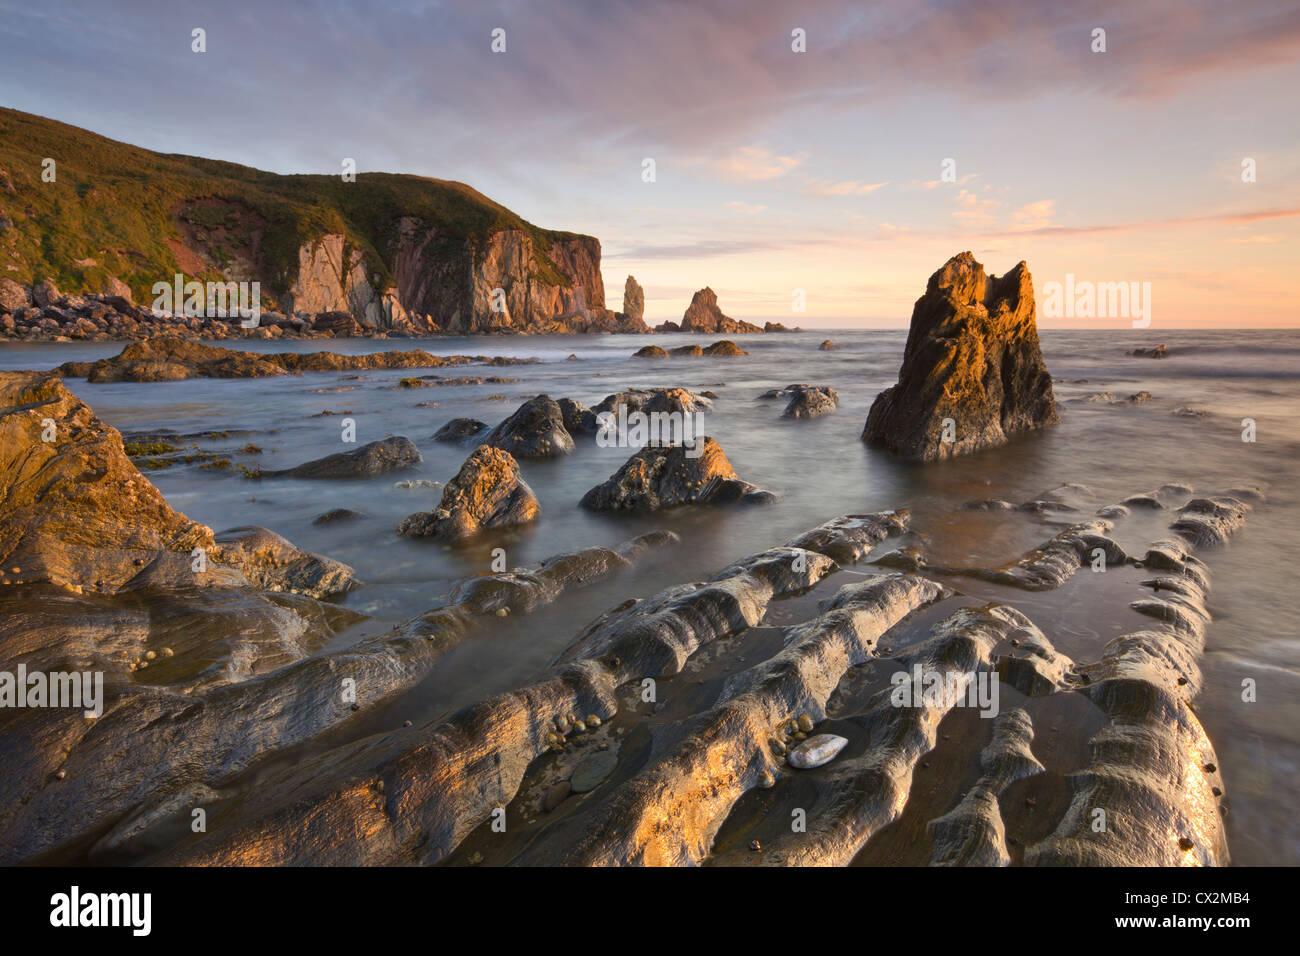 Goldener Abend Sonne taucht die Felsen und Vorsprünge an Größe im South Hams, South Devon, England. Stockbild